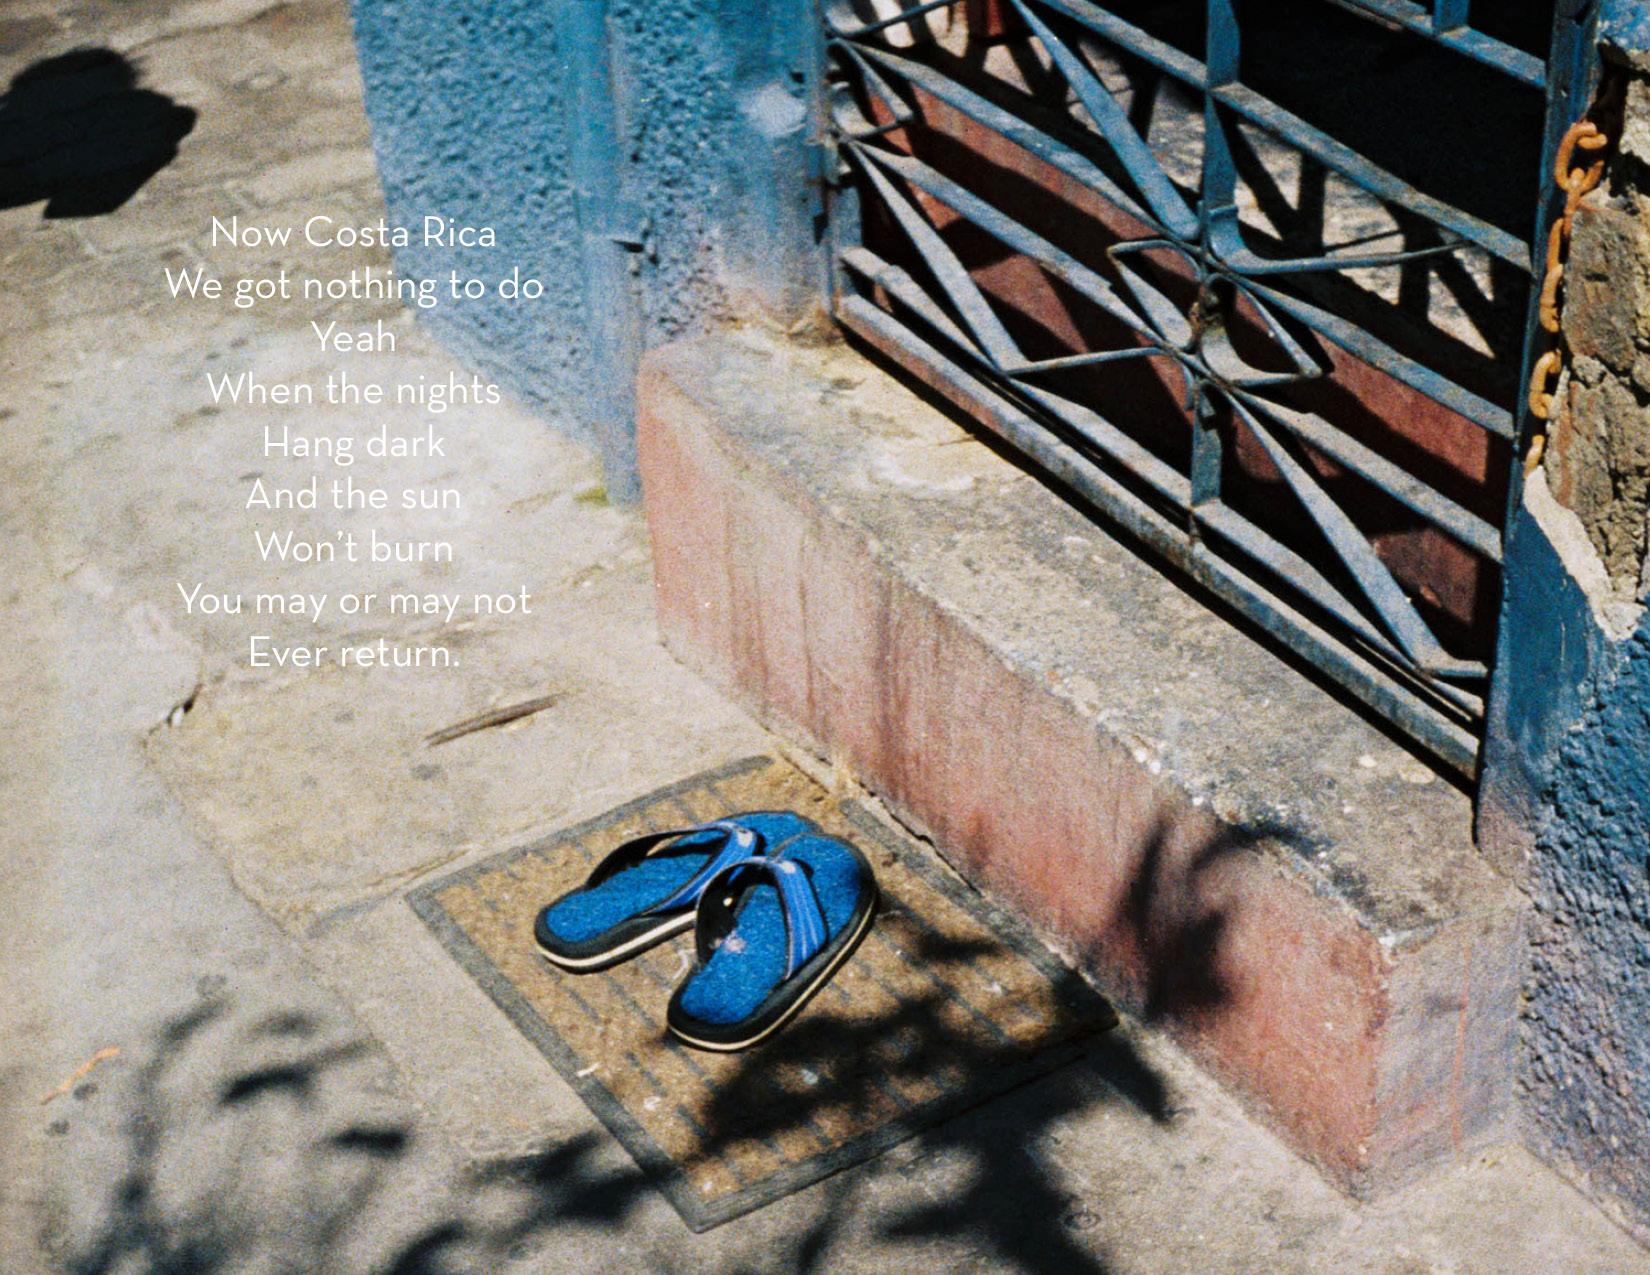 SHK-Summer-Issue-Summer-Needs-No-Explaination-201379.jpg